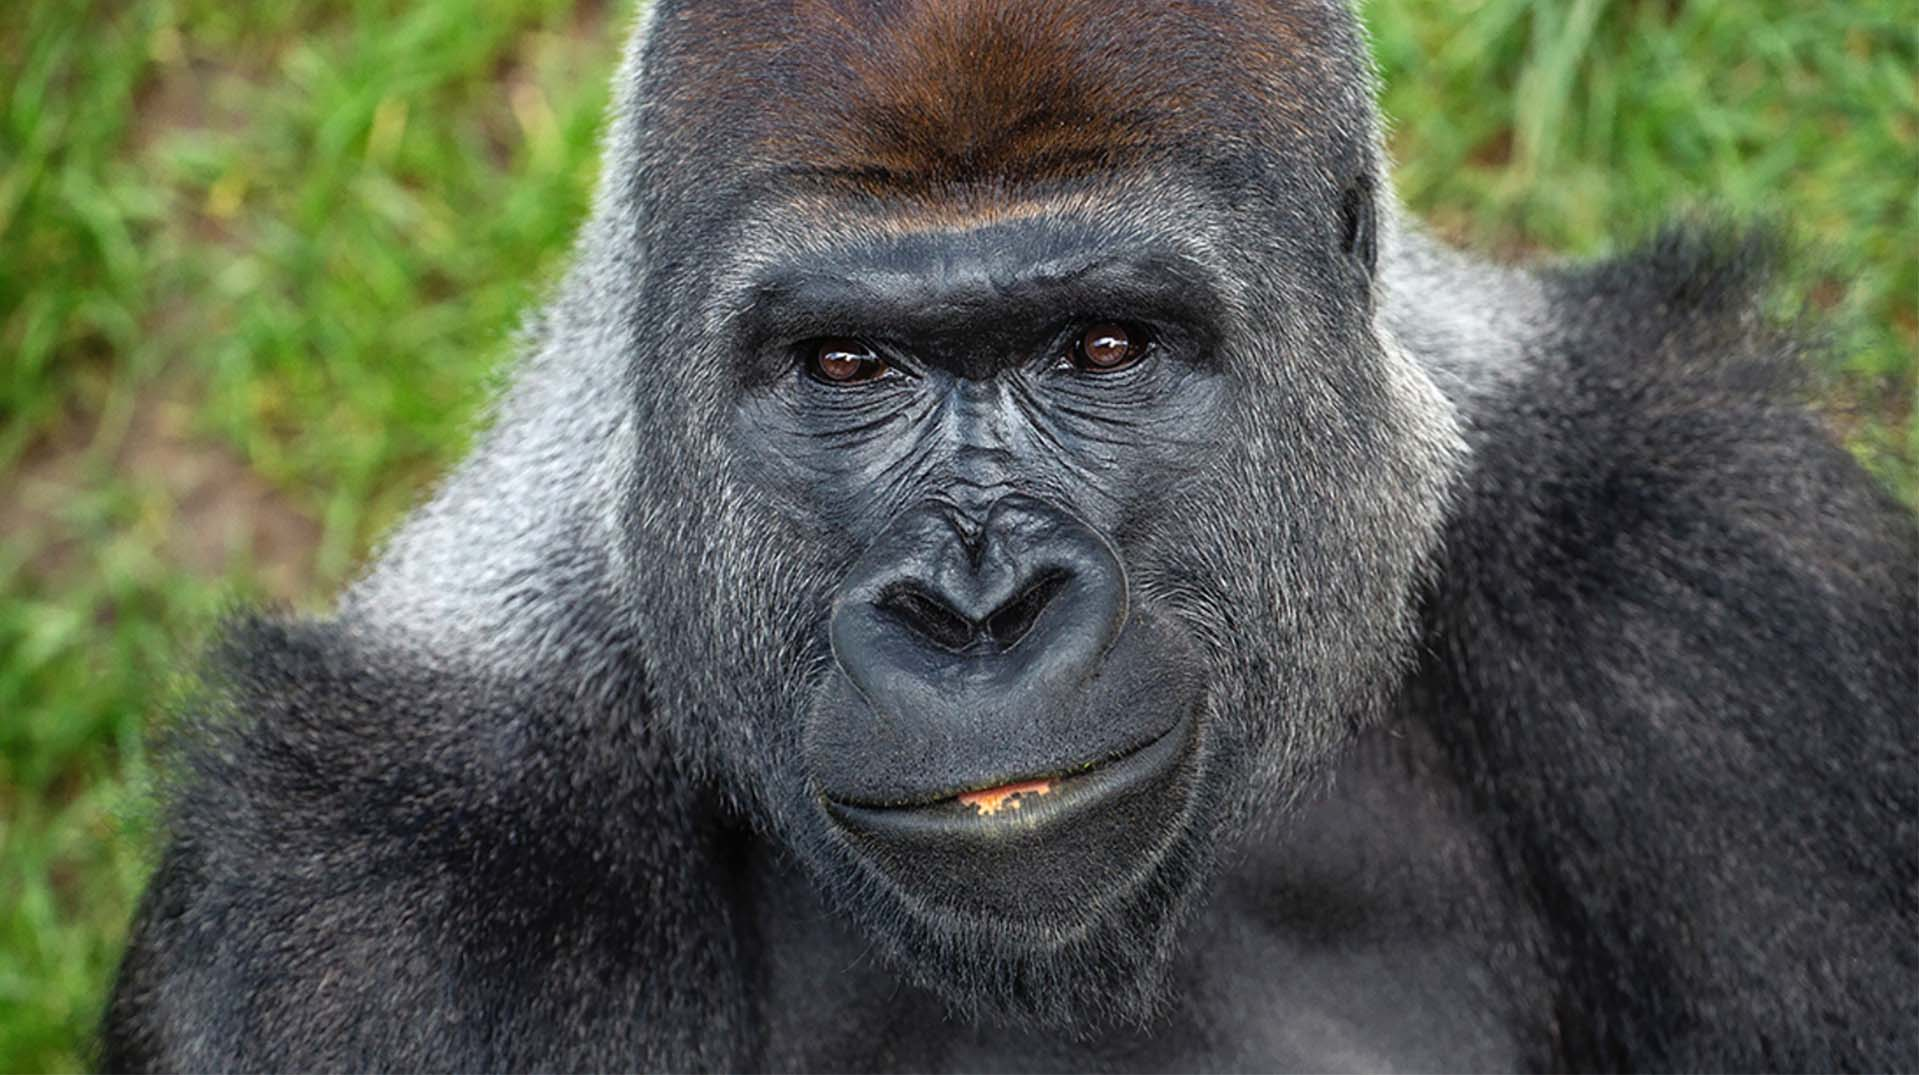 A silverback gorilla male